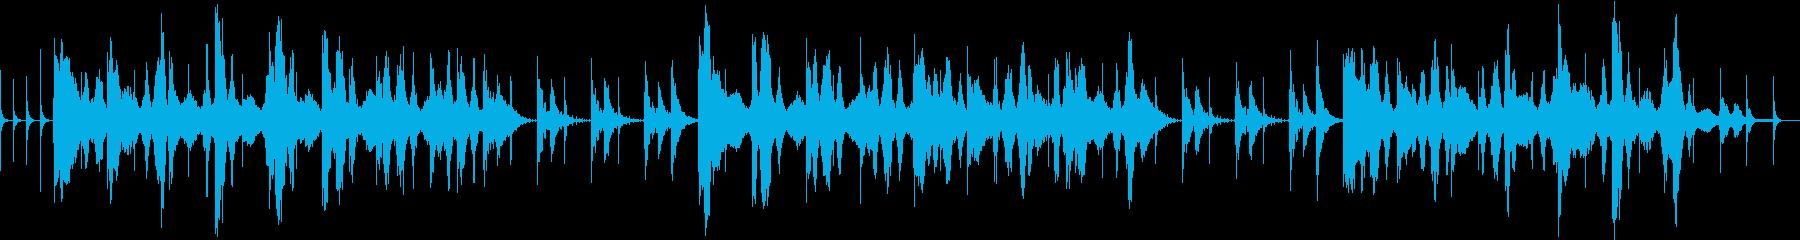 爽やかに広がるヒーリングサウンドの再生済みの波形